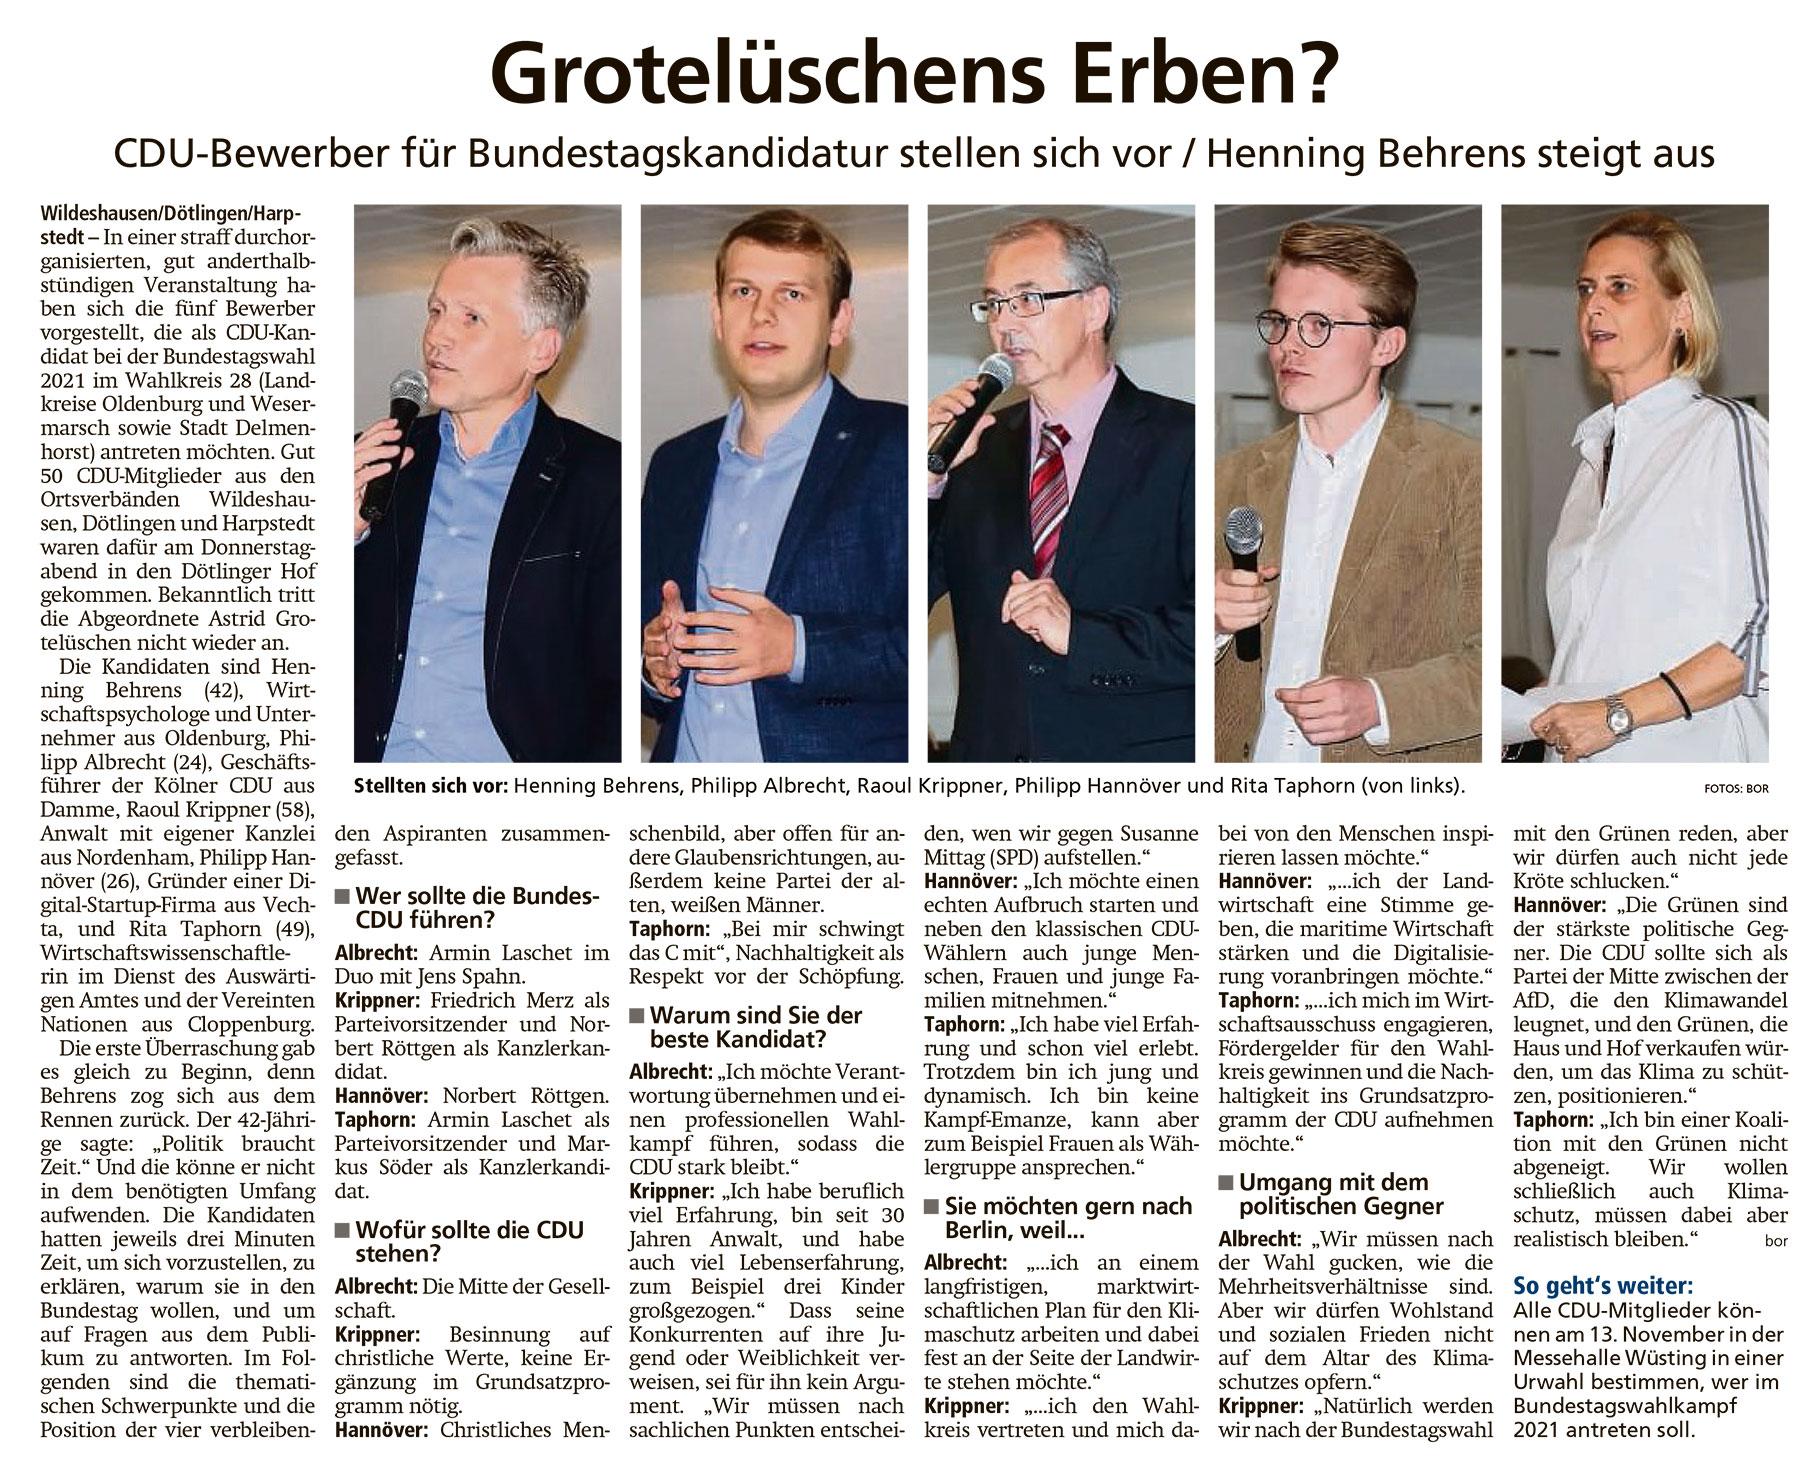 Grotelüschens Erben?CDU-Bewerber für Bundestagskandidatur stellen sich vor / Henning Behrens steigt ausArtikel vom 19.09.2020 (WZ)